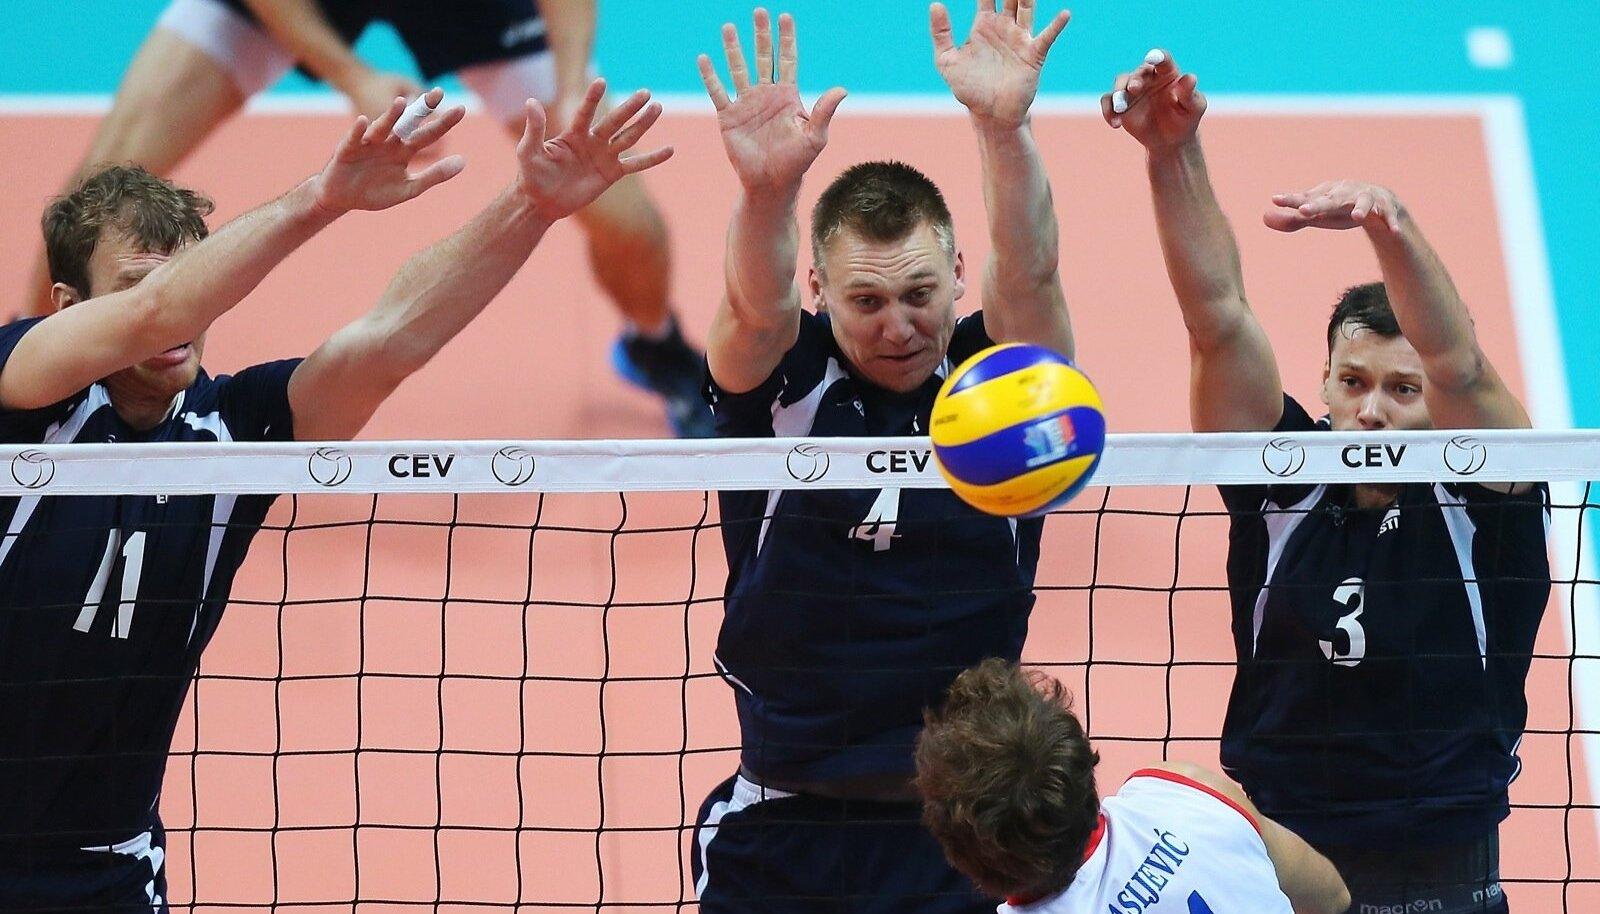 Eesti v Serbia võrkpallikoondise play-off